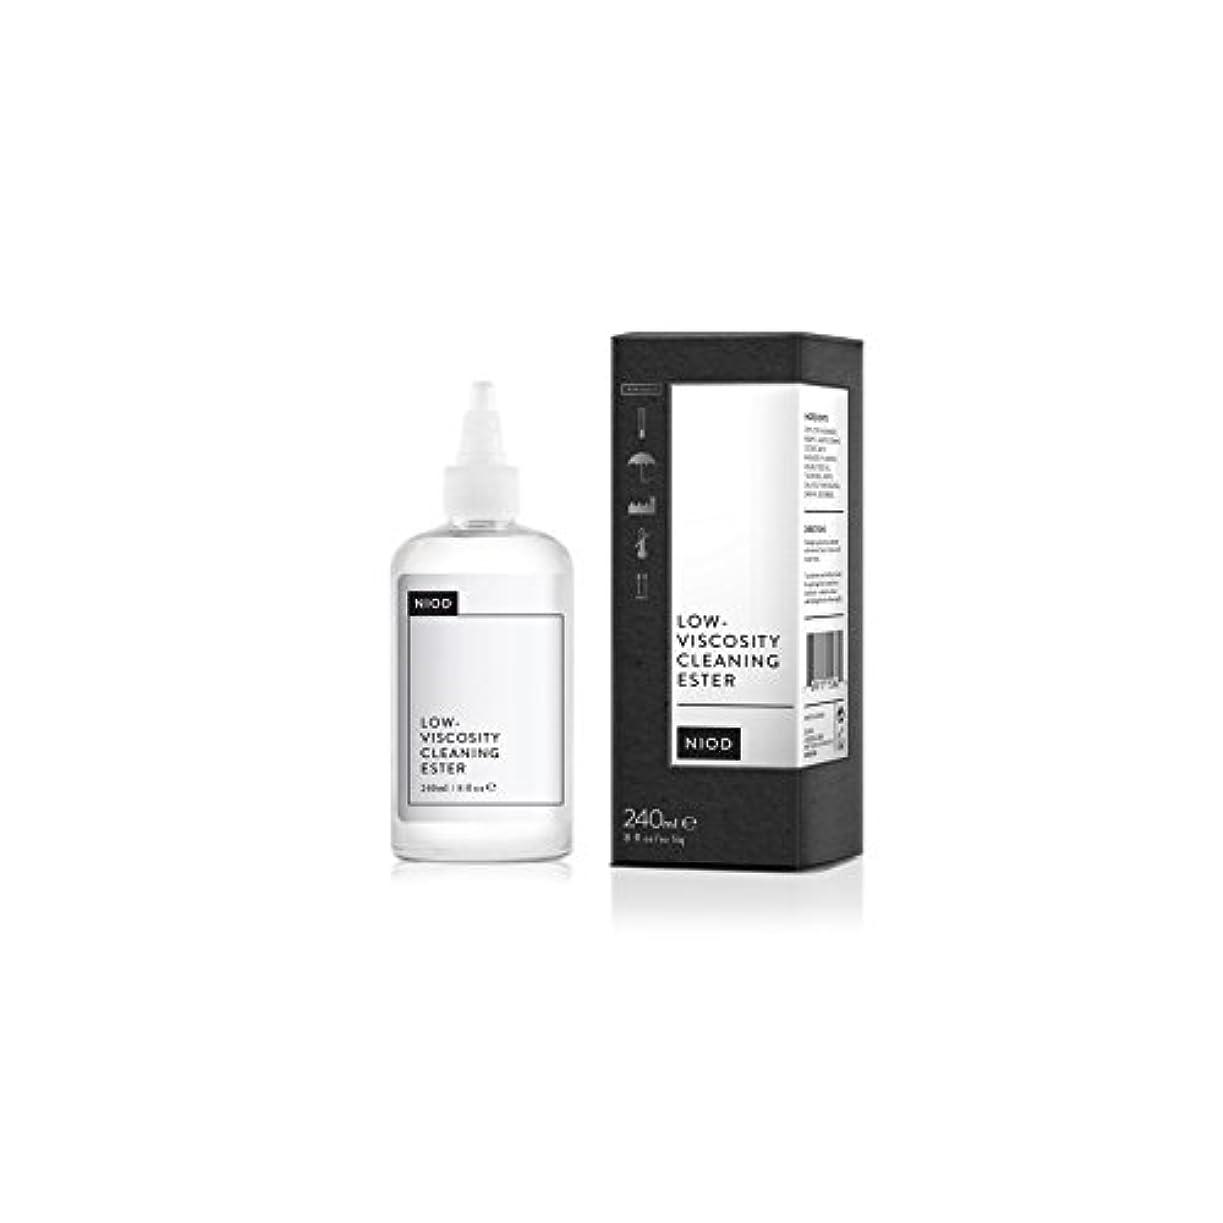 バンカー愛国的な個人的なNiod Low-Viscosity Cleaning Ester (240ml) (Pack of 6) - 低粘度のクリーニングエステル(240ミリリットル) x6 [並行輸入品]